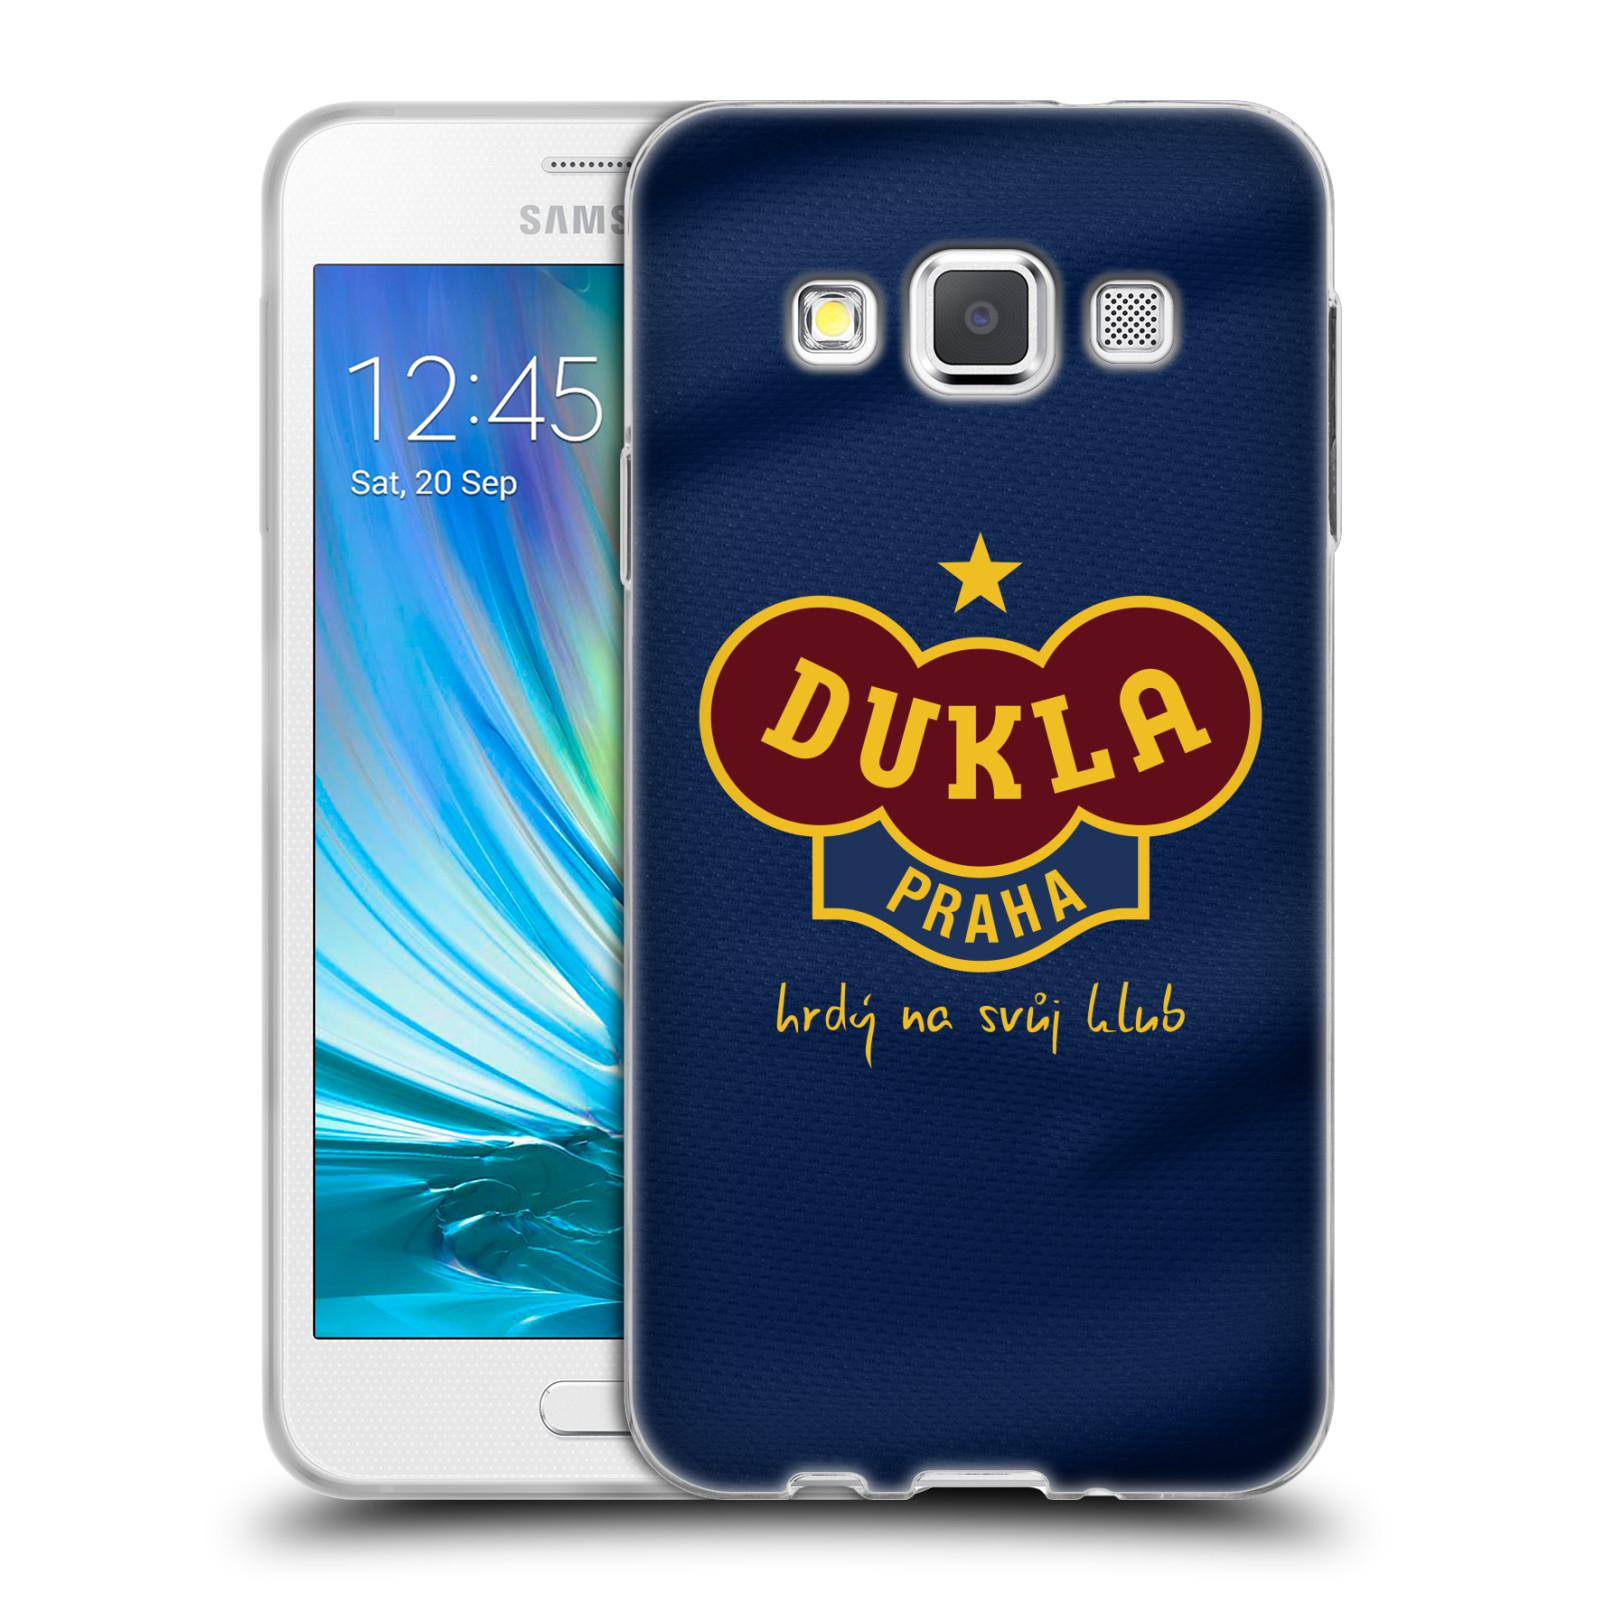 Silikonové pouzdro na mobil Samsung Galaxy A3 - FK Dukla Praha - Modrý dres